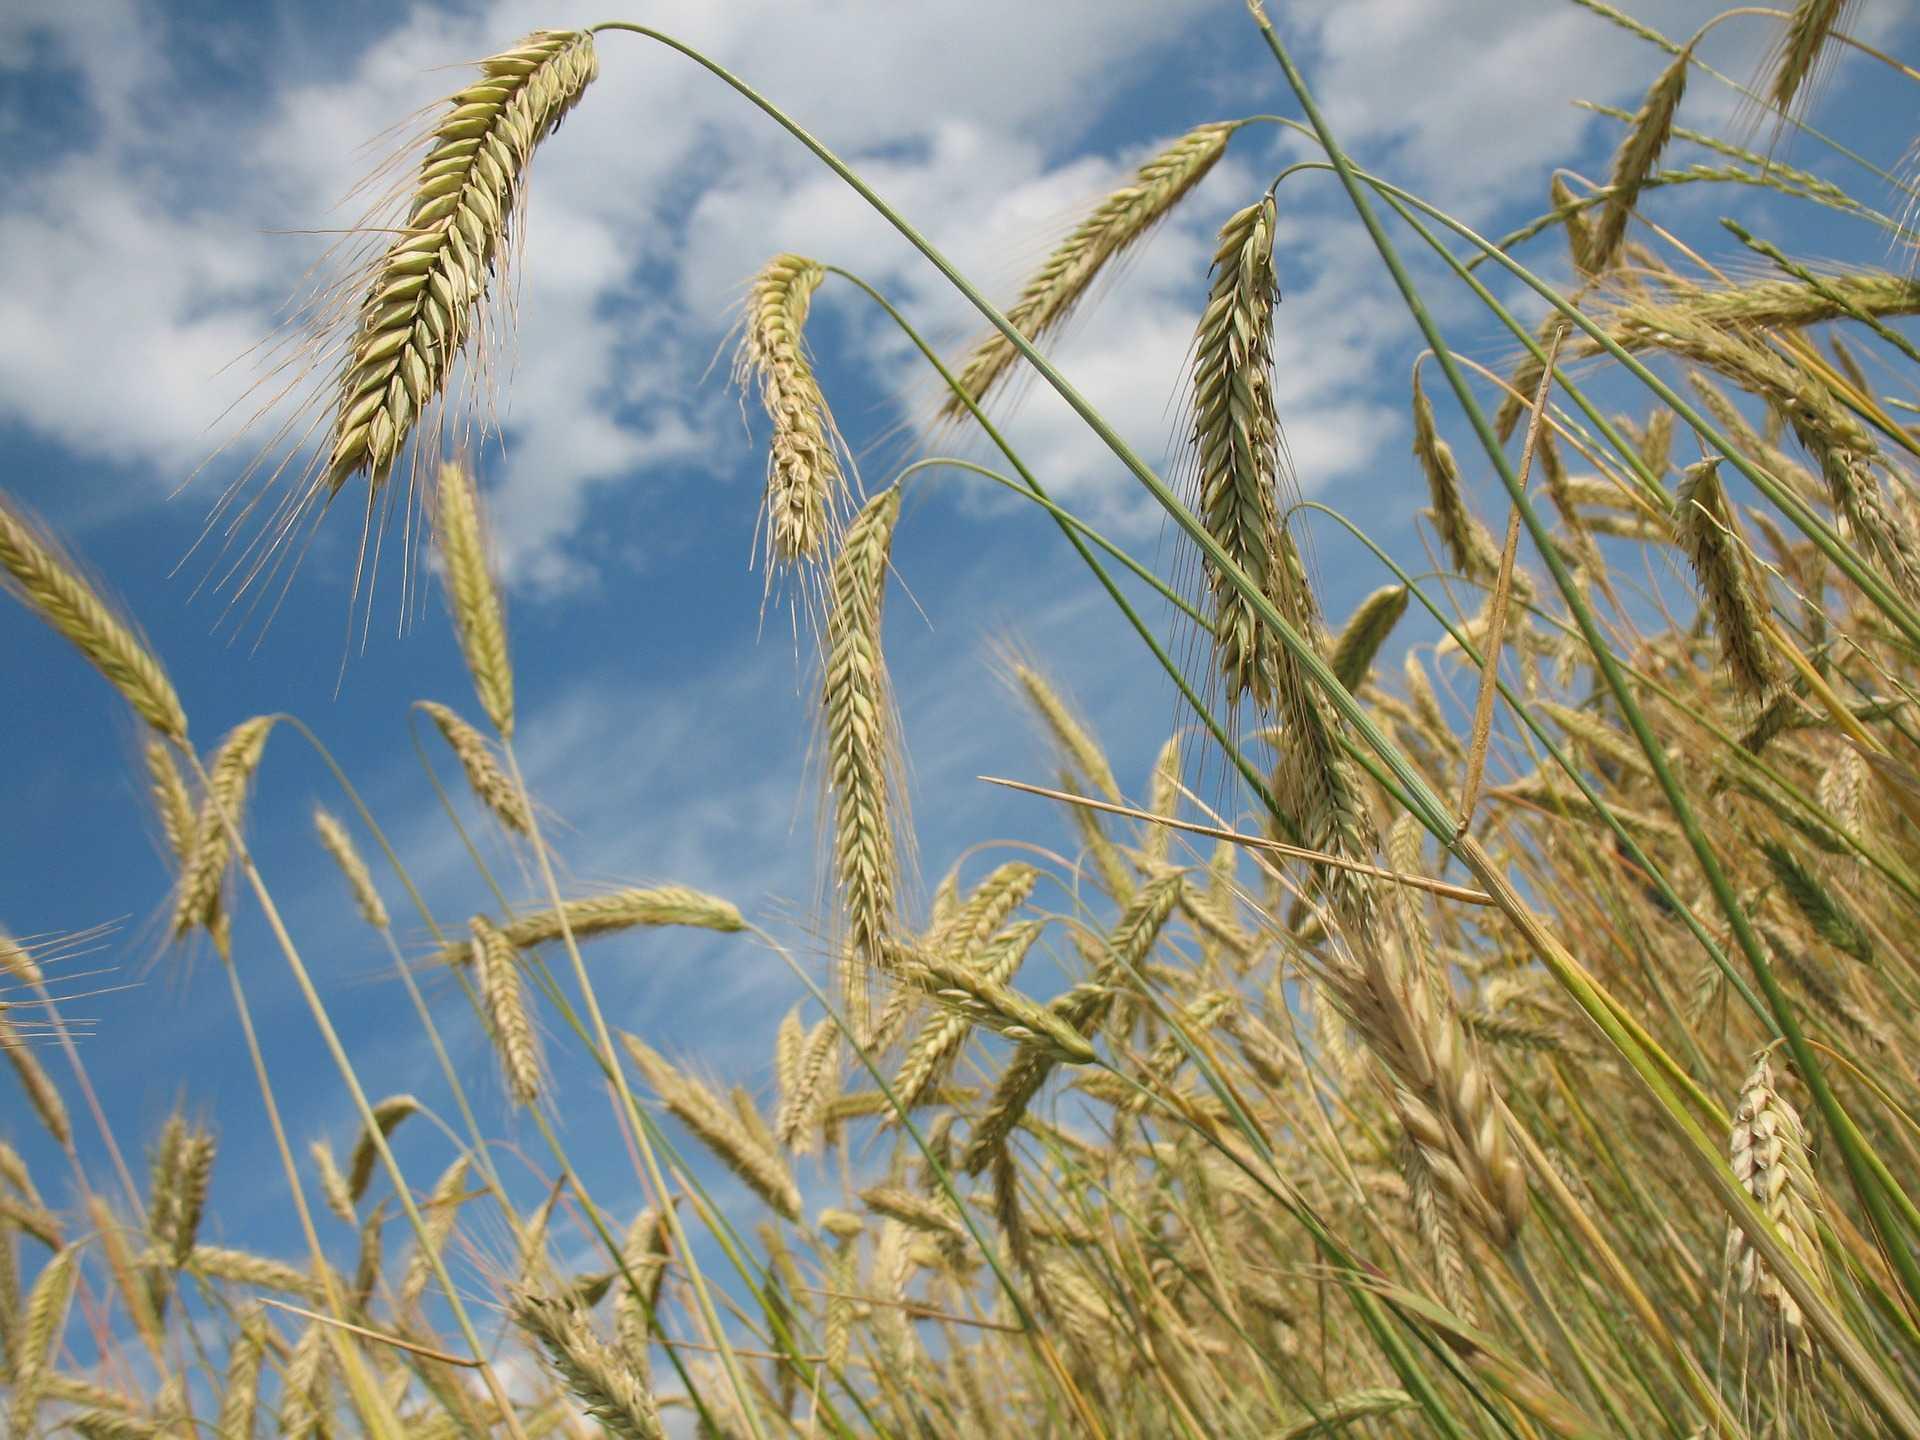 Колосья пшеницы [(cc) R0bin]